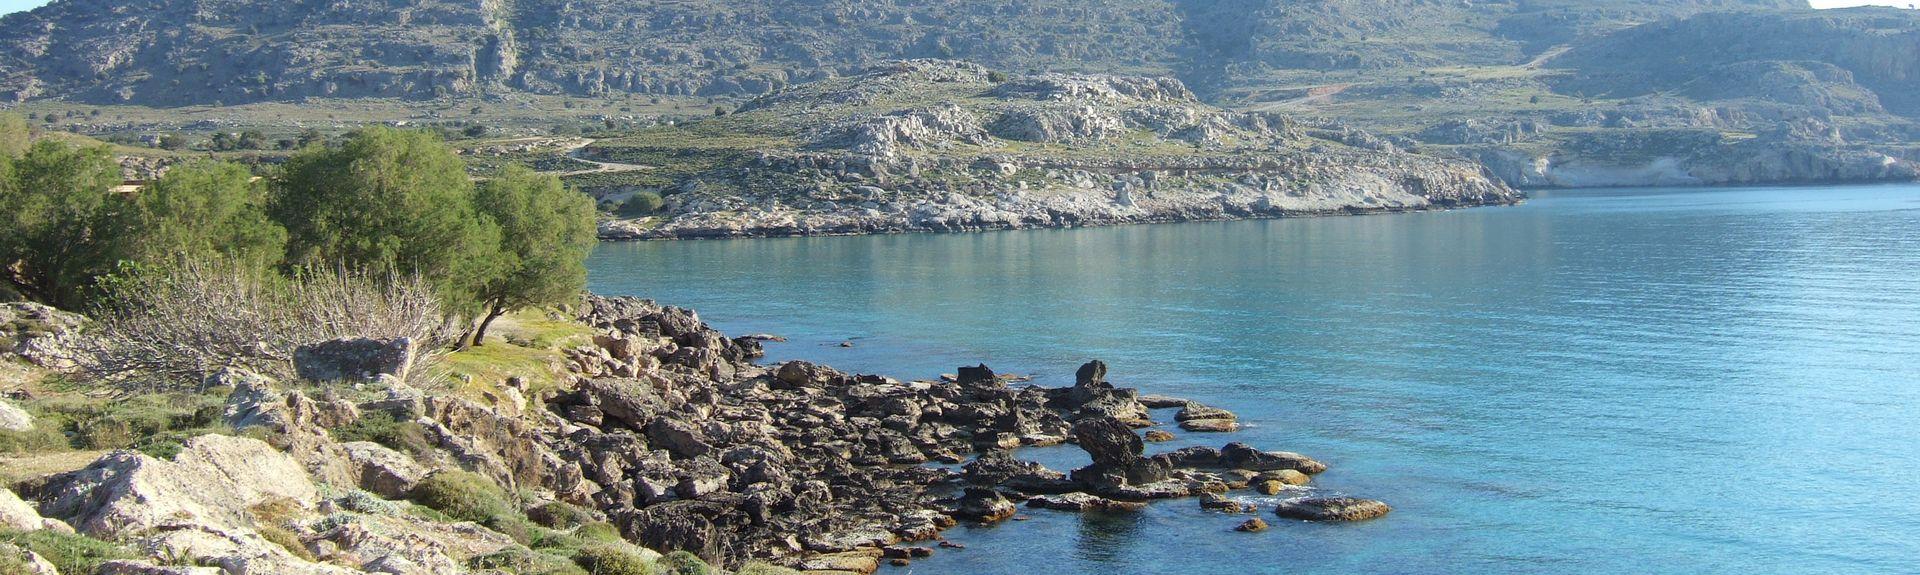 Kiotari, Rhodes, South Aegean, Greece